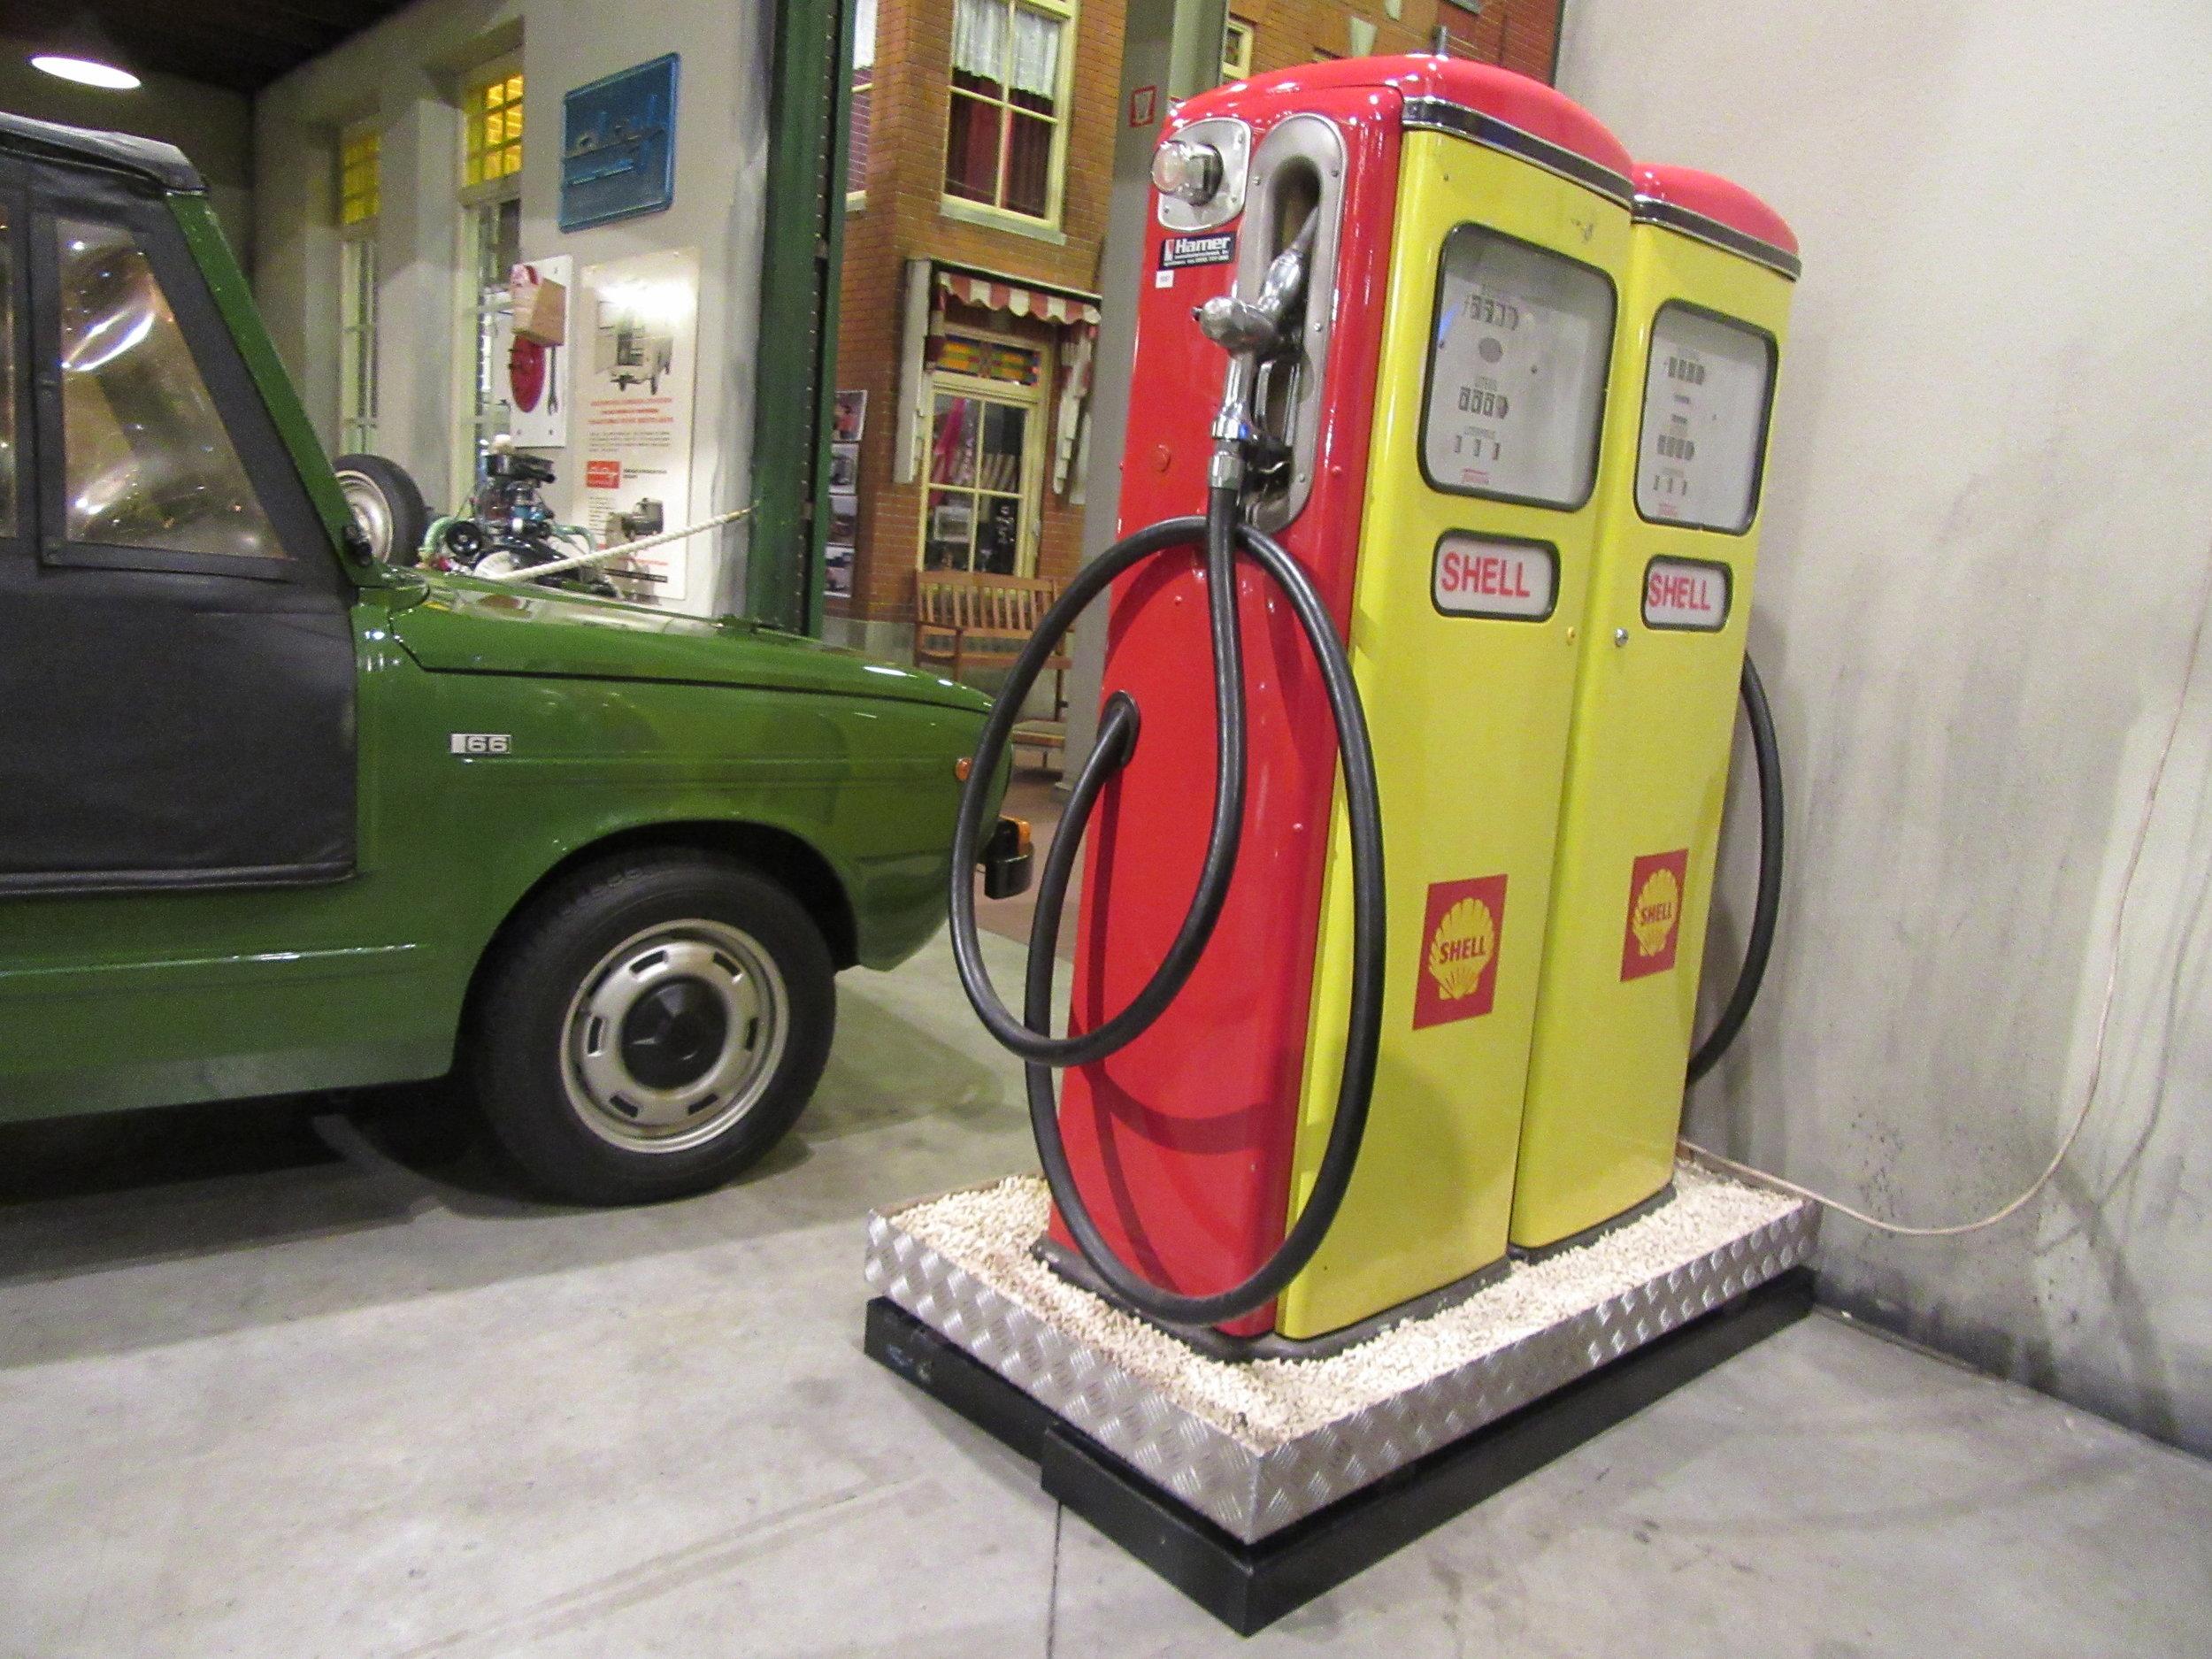 Shell-Petrol-DAF-Musuem-Eindhoven